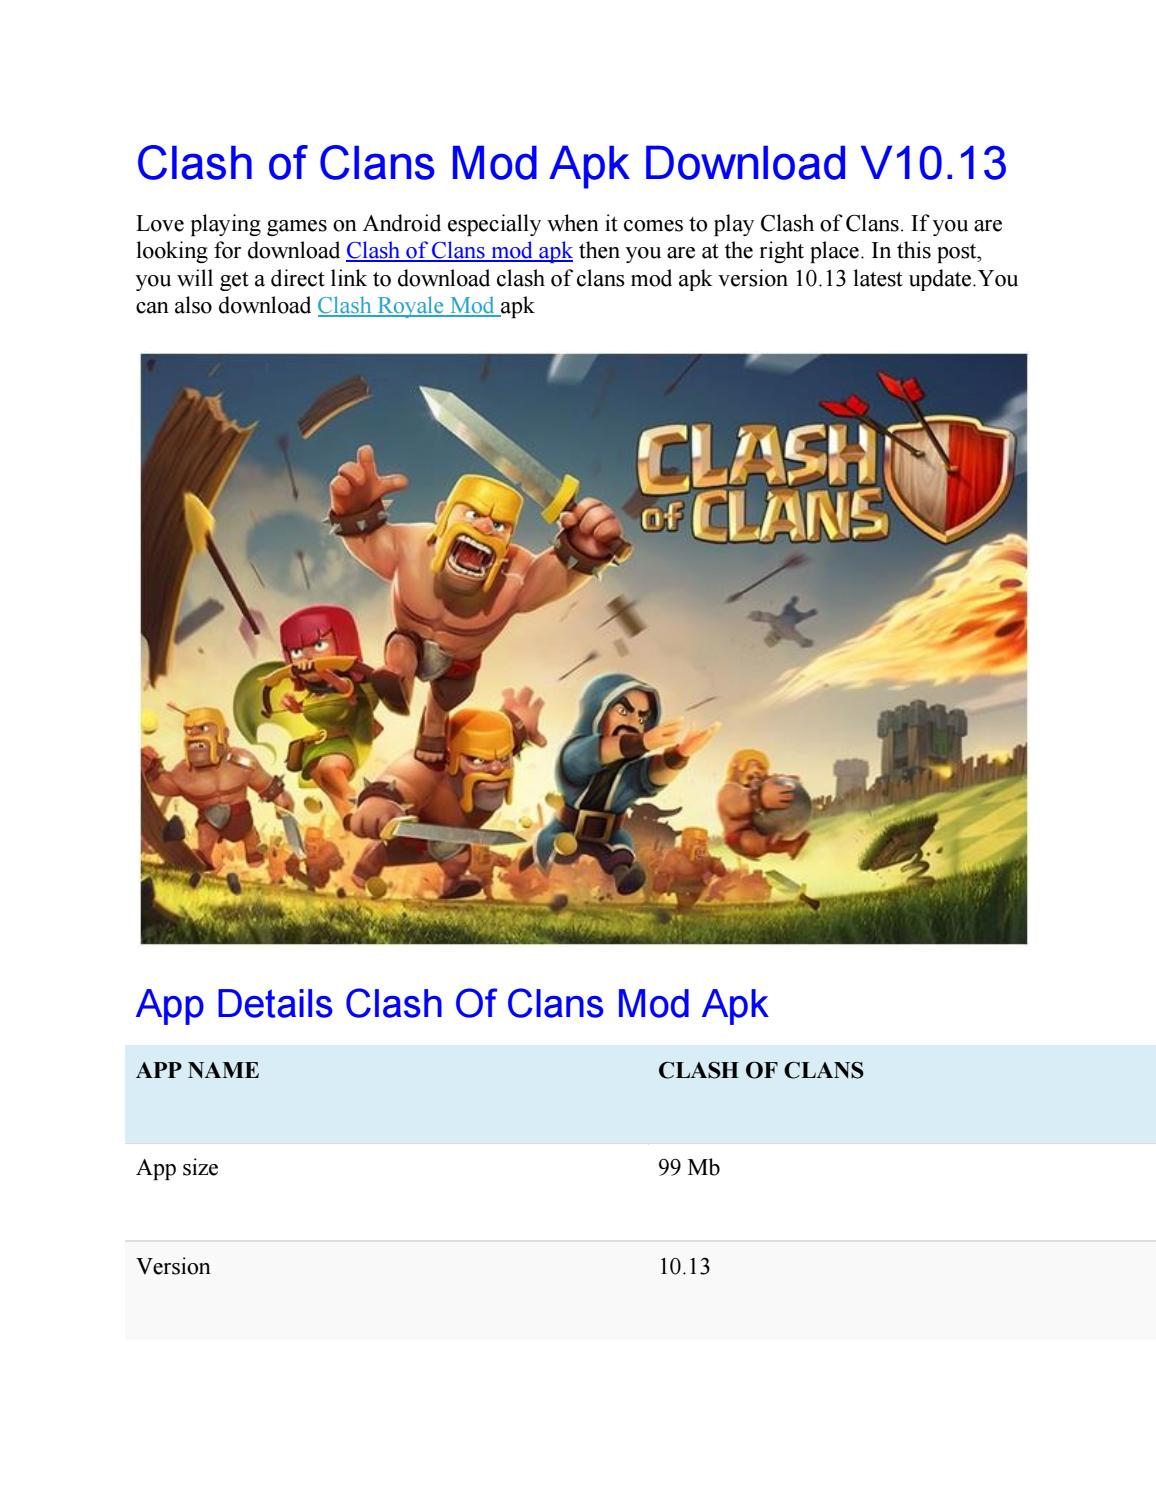 Clash of clans mod apk download v10 by seoclub - issuu